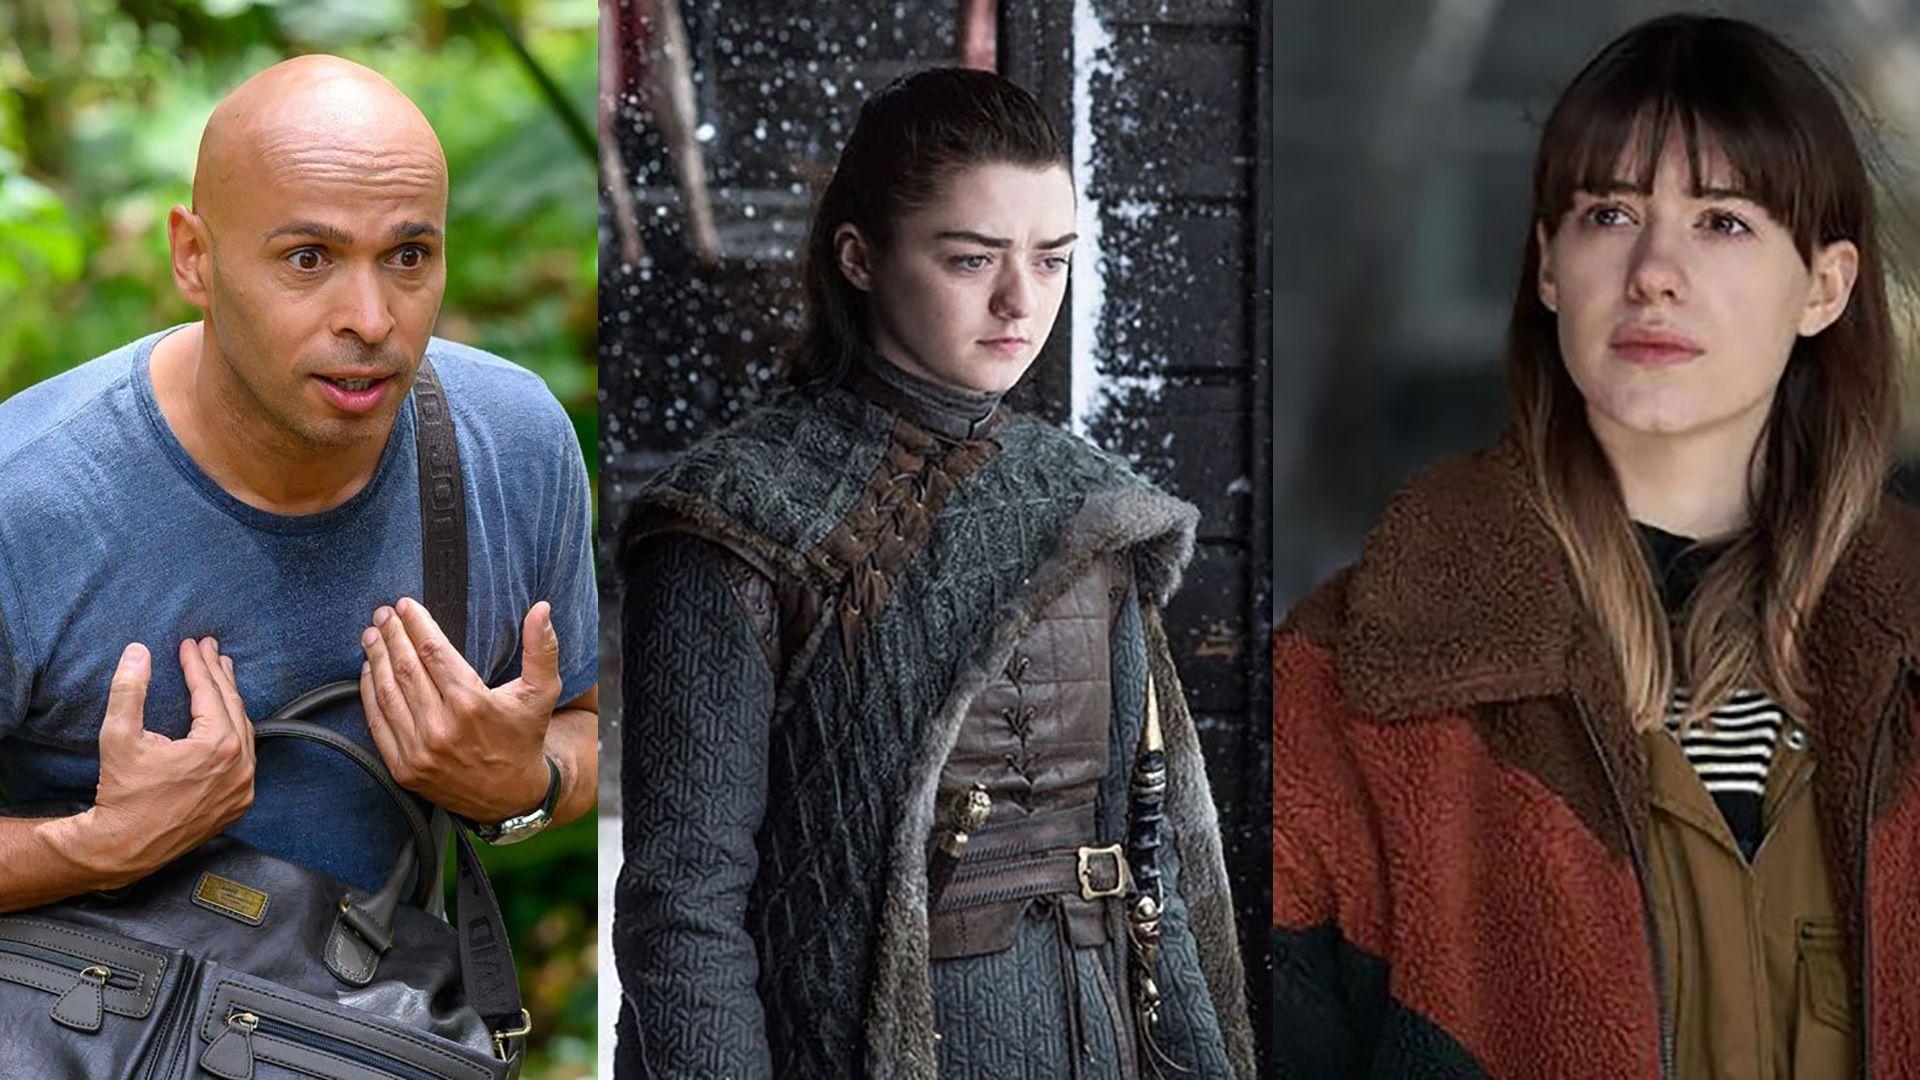 Ces 10 héros de séries dont on devrait s'inspirer dans la vraie vie